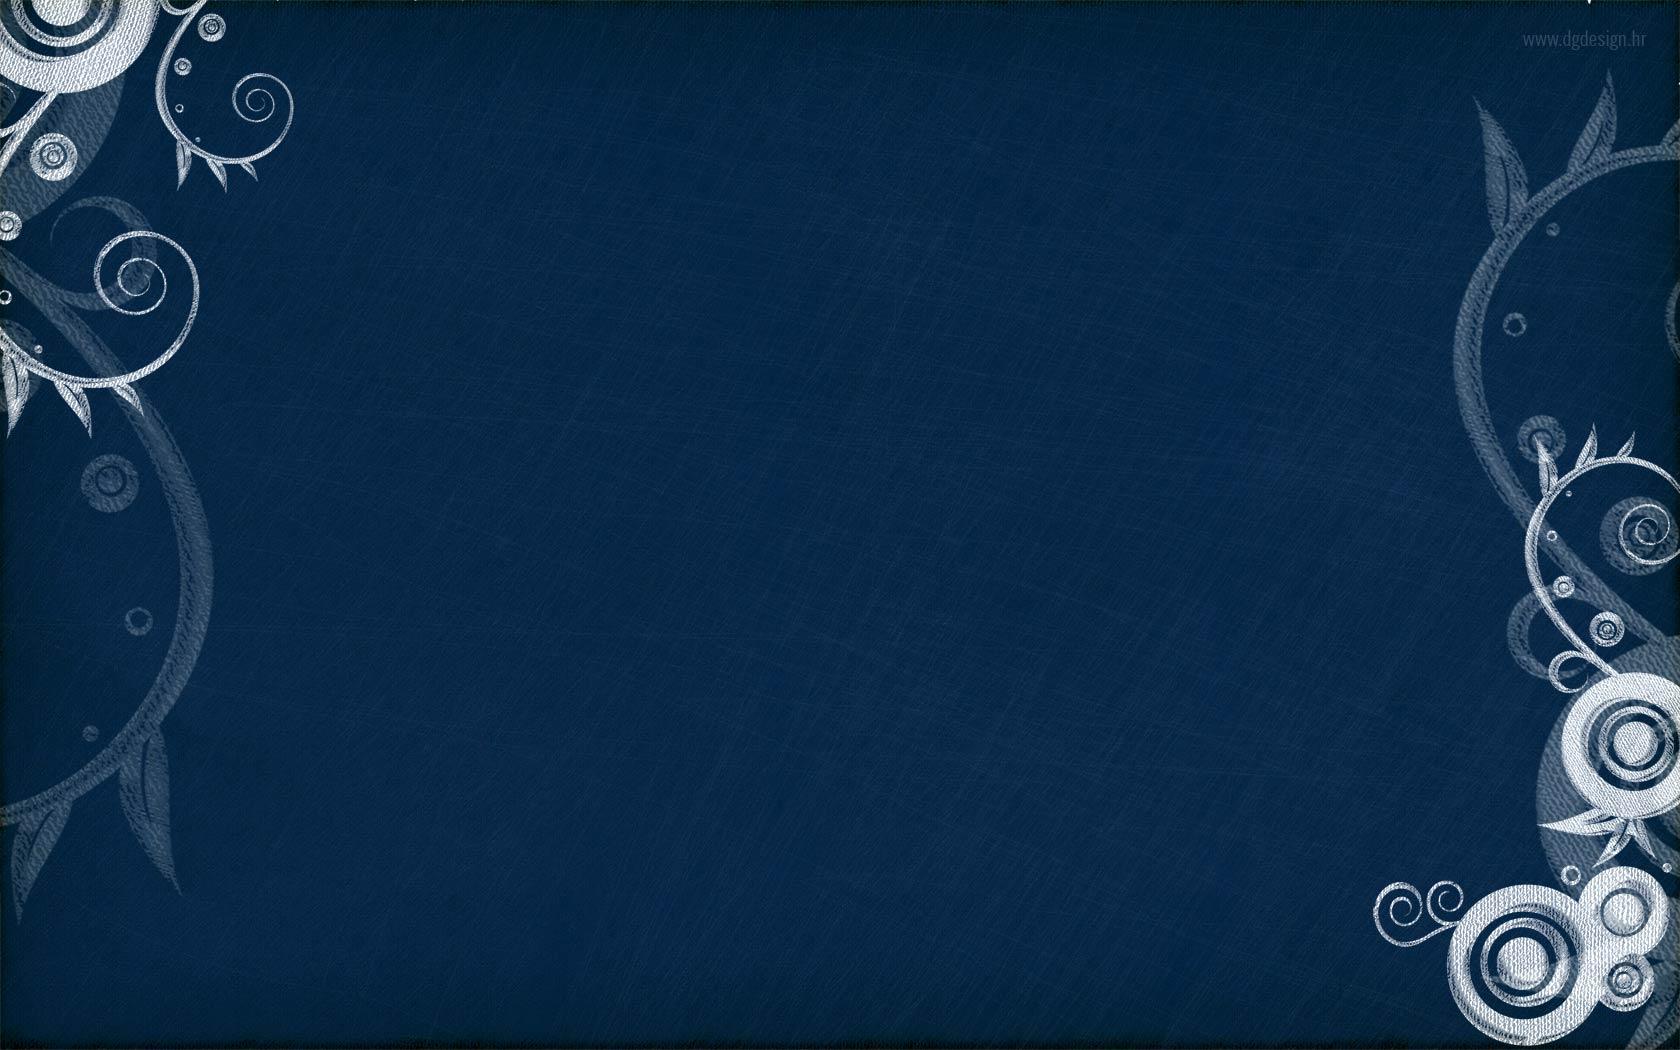 Blue Wallpaper High Quality Desktop 1680x1050